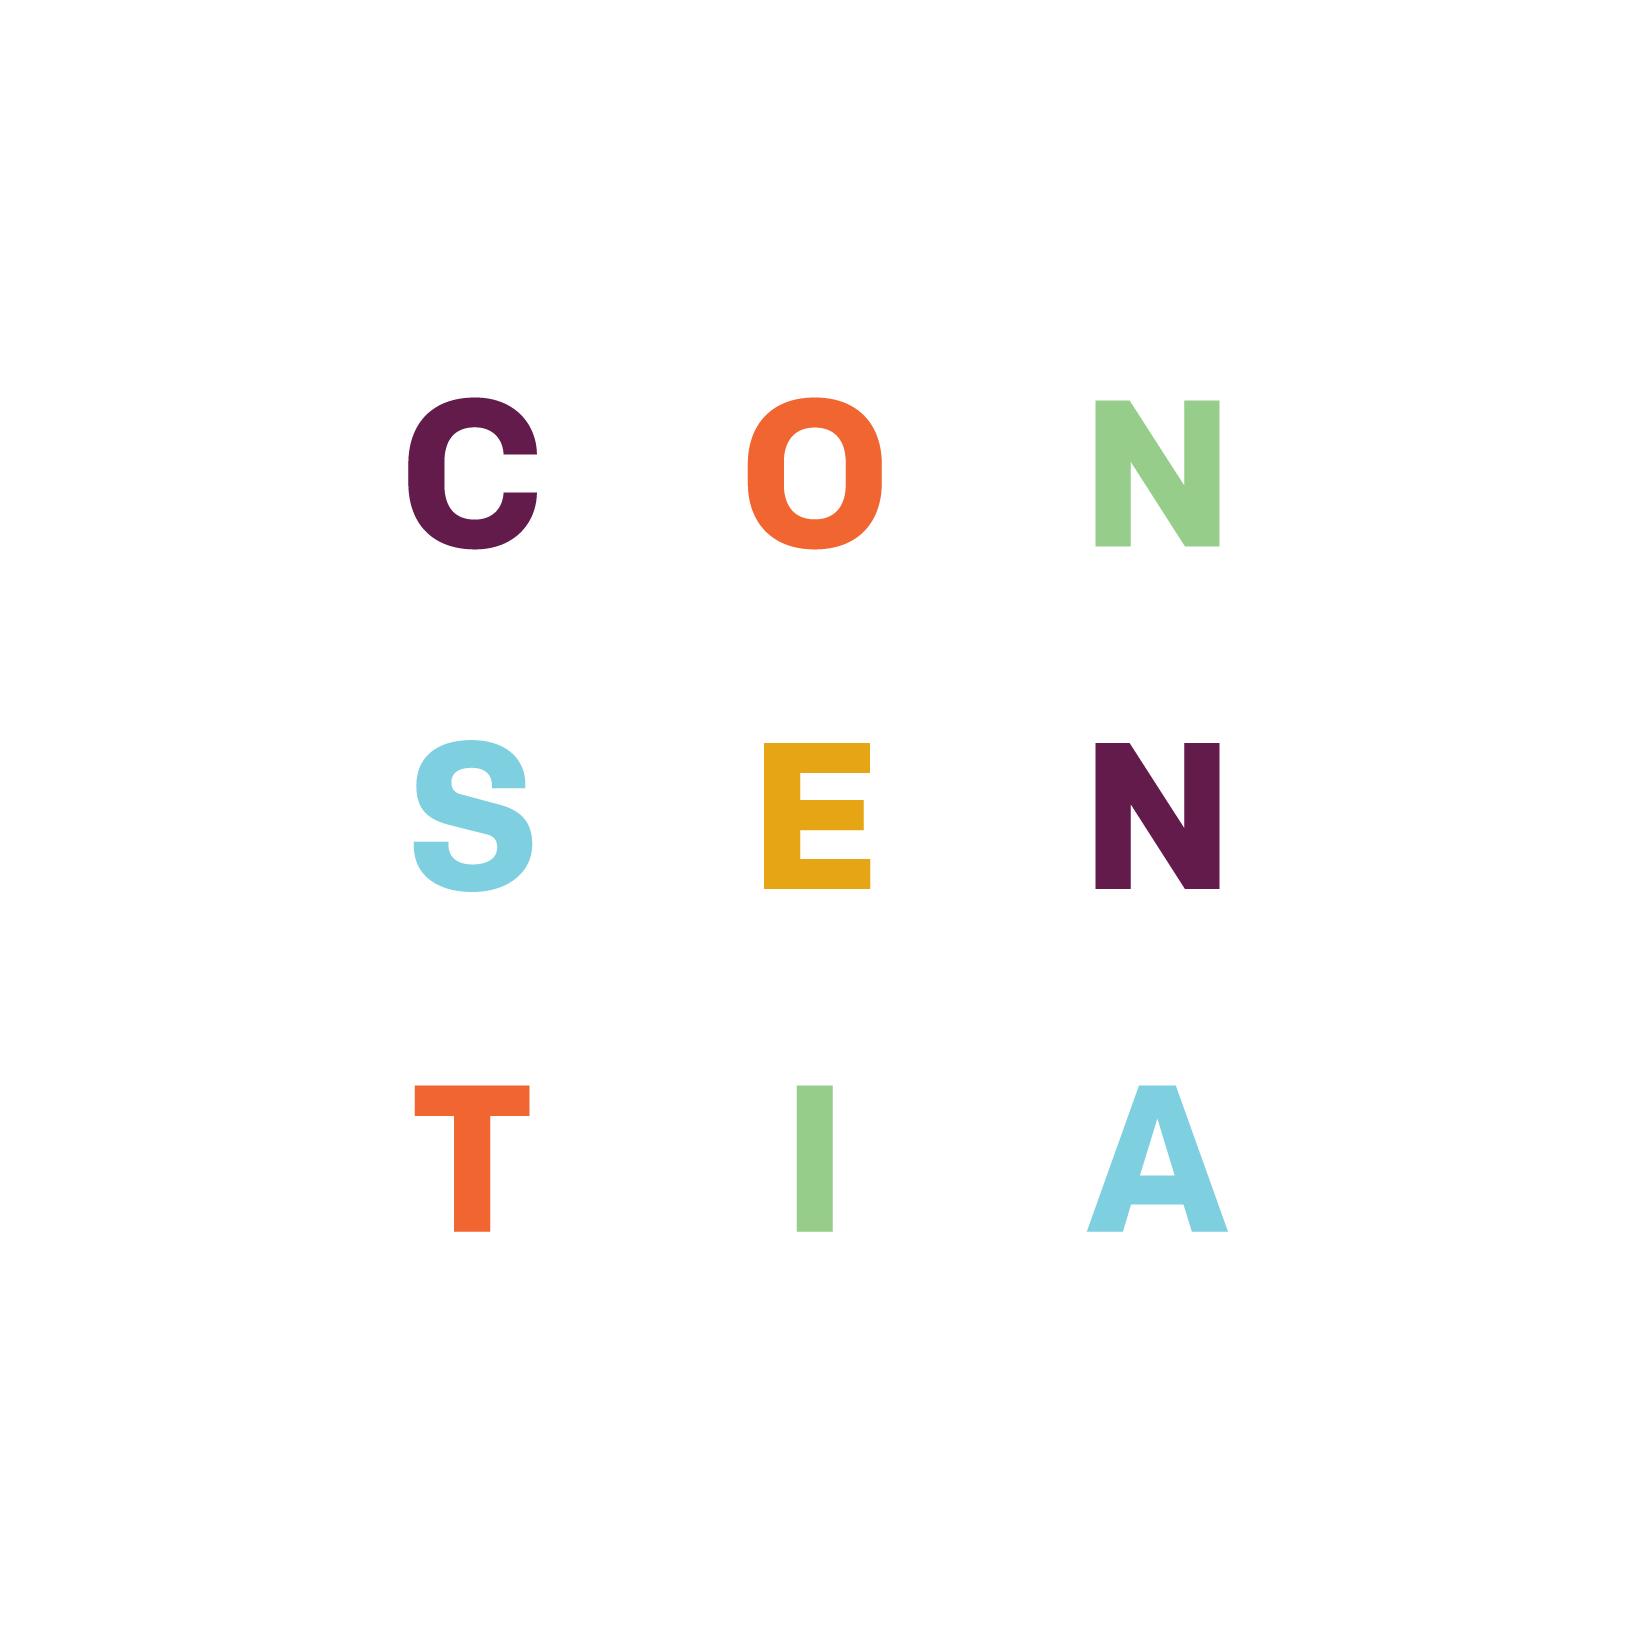 Consentia